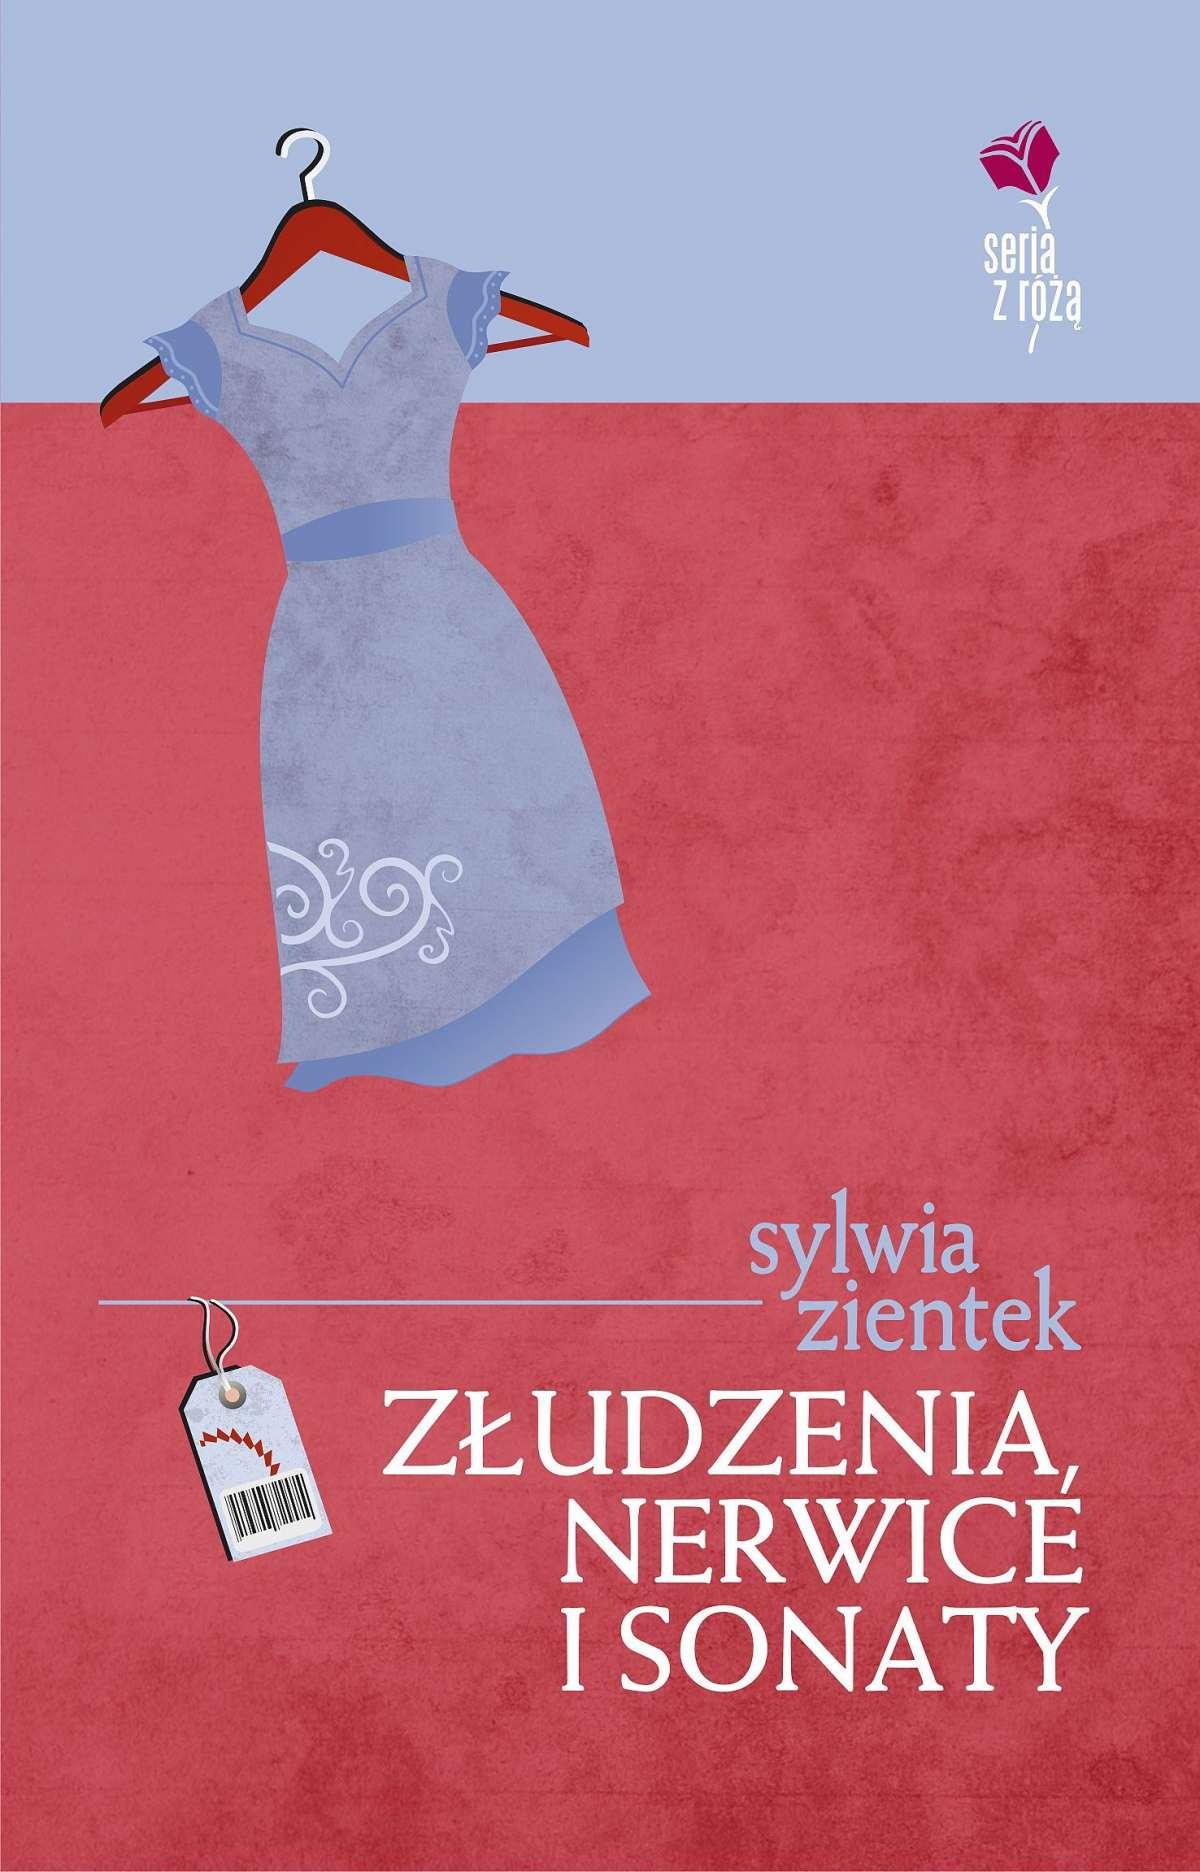 Złudzenia, nerwice i sonaty - Ebook (Książka EPUB) do pobrania w formacie EPUB